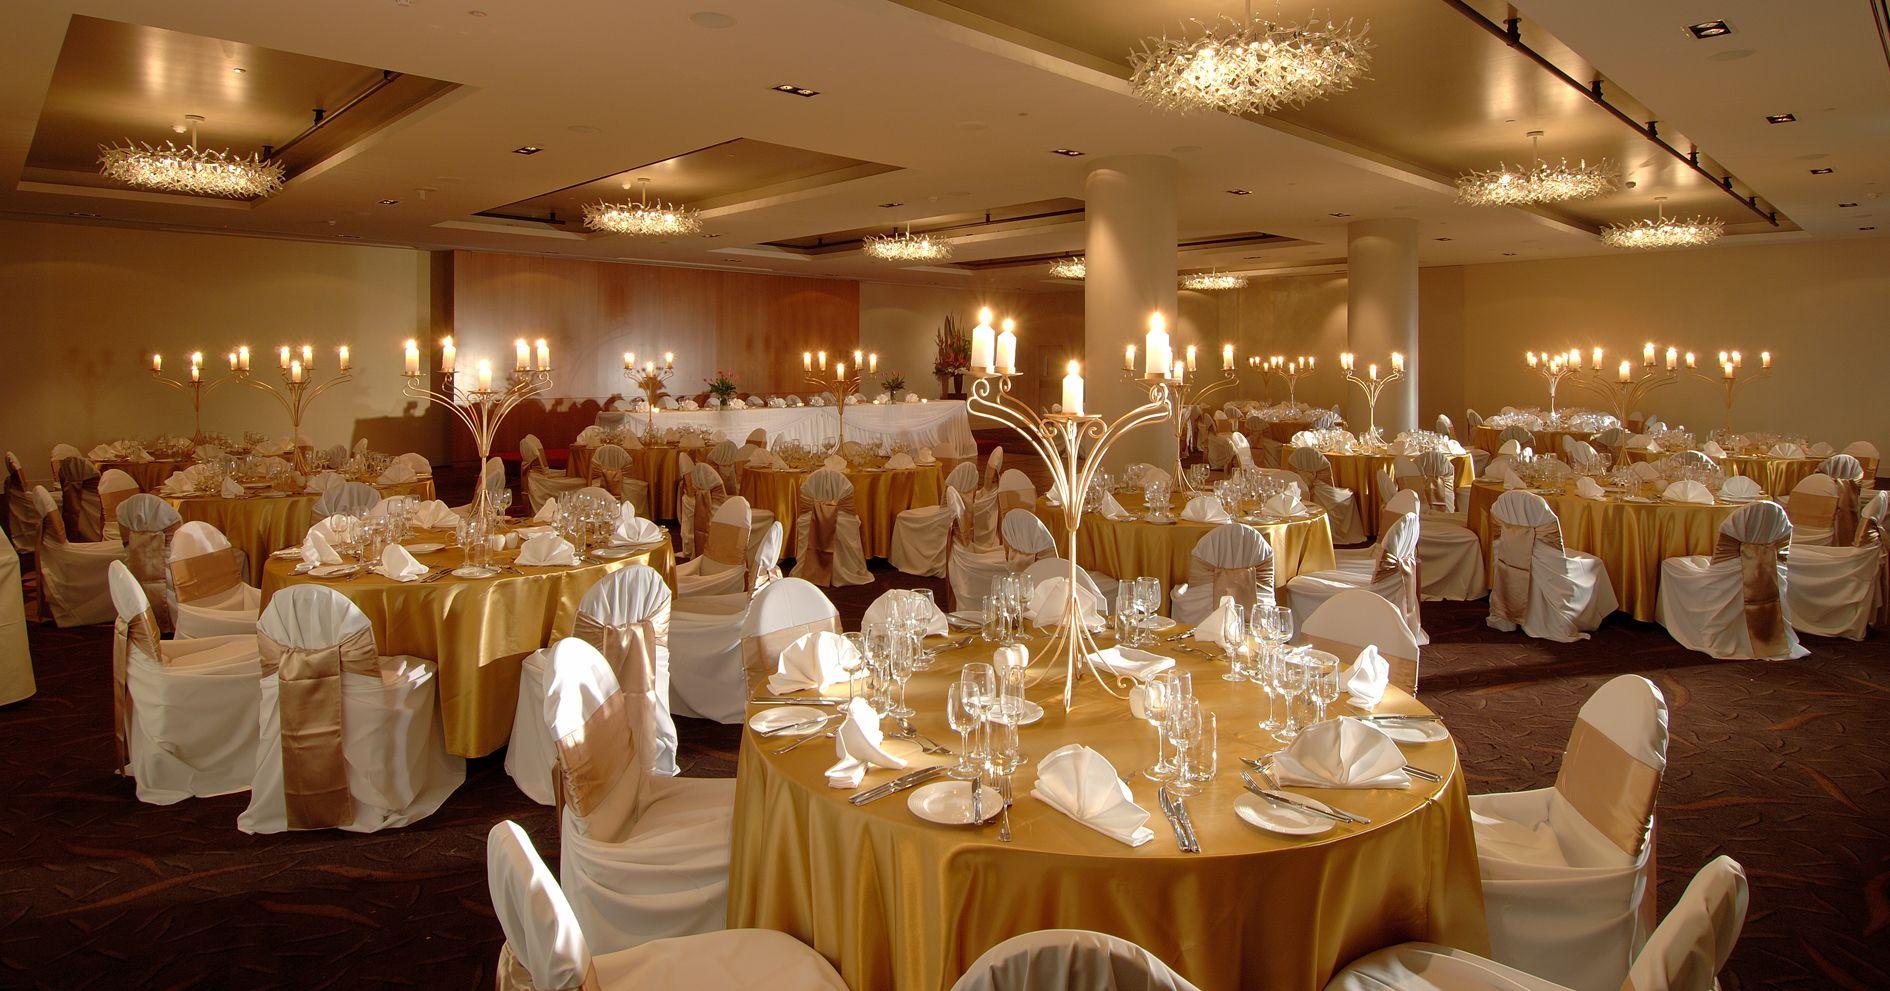 best outdoor wedding venues perth%0A The Quarry Amphitheatre  City Beach   Wedding Venues Perth   Find more Perth  wedding venues at www ourweddingdate com au   Pinterest   Wedding venues